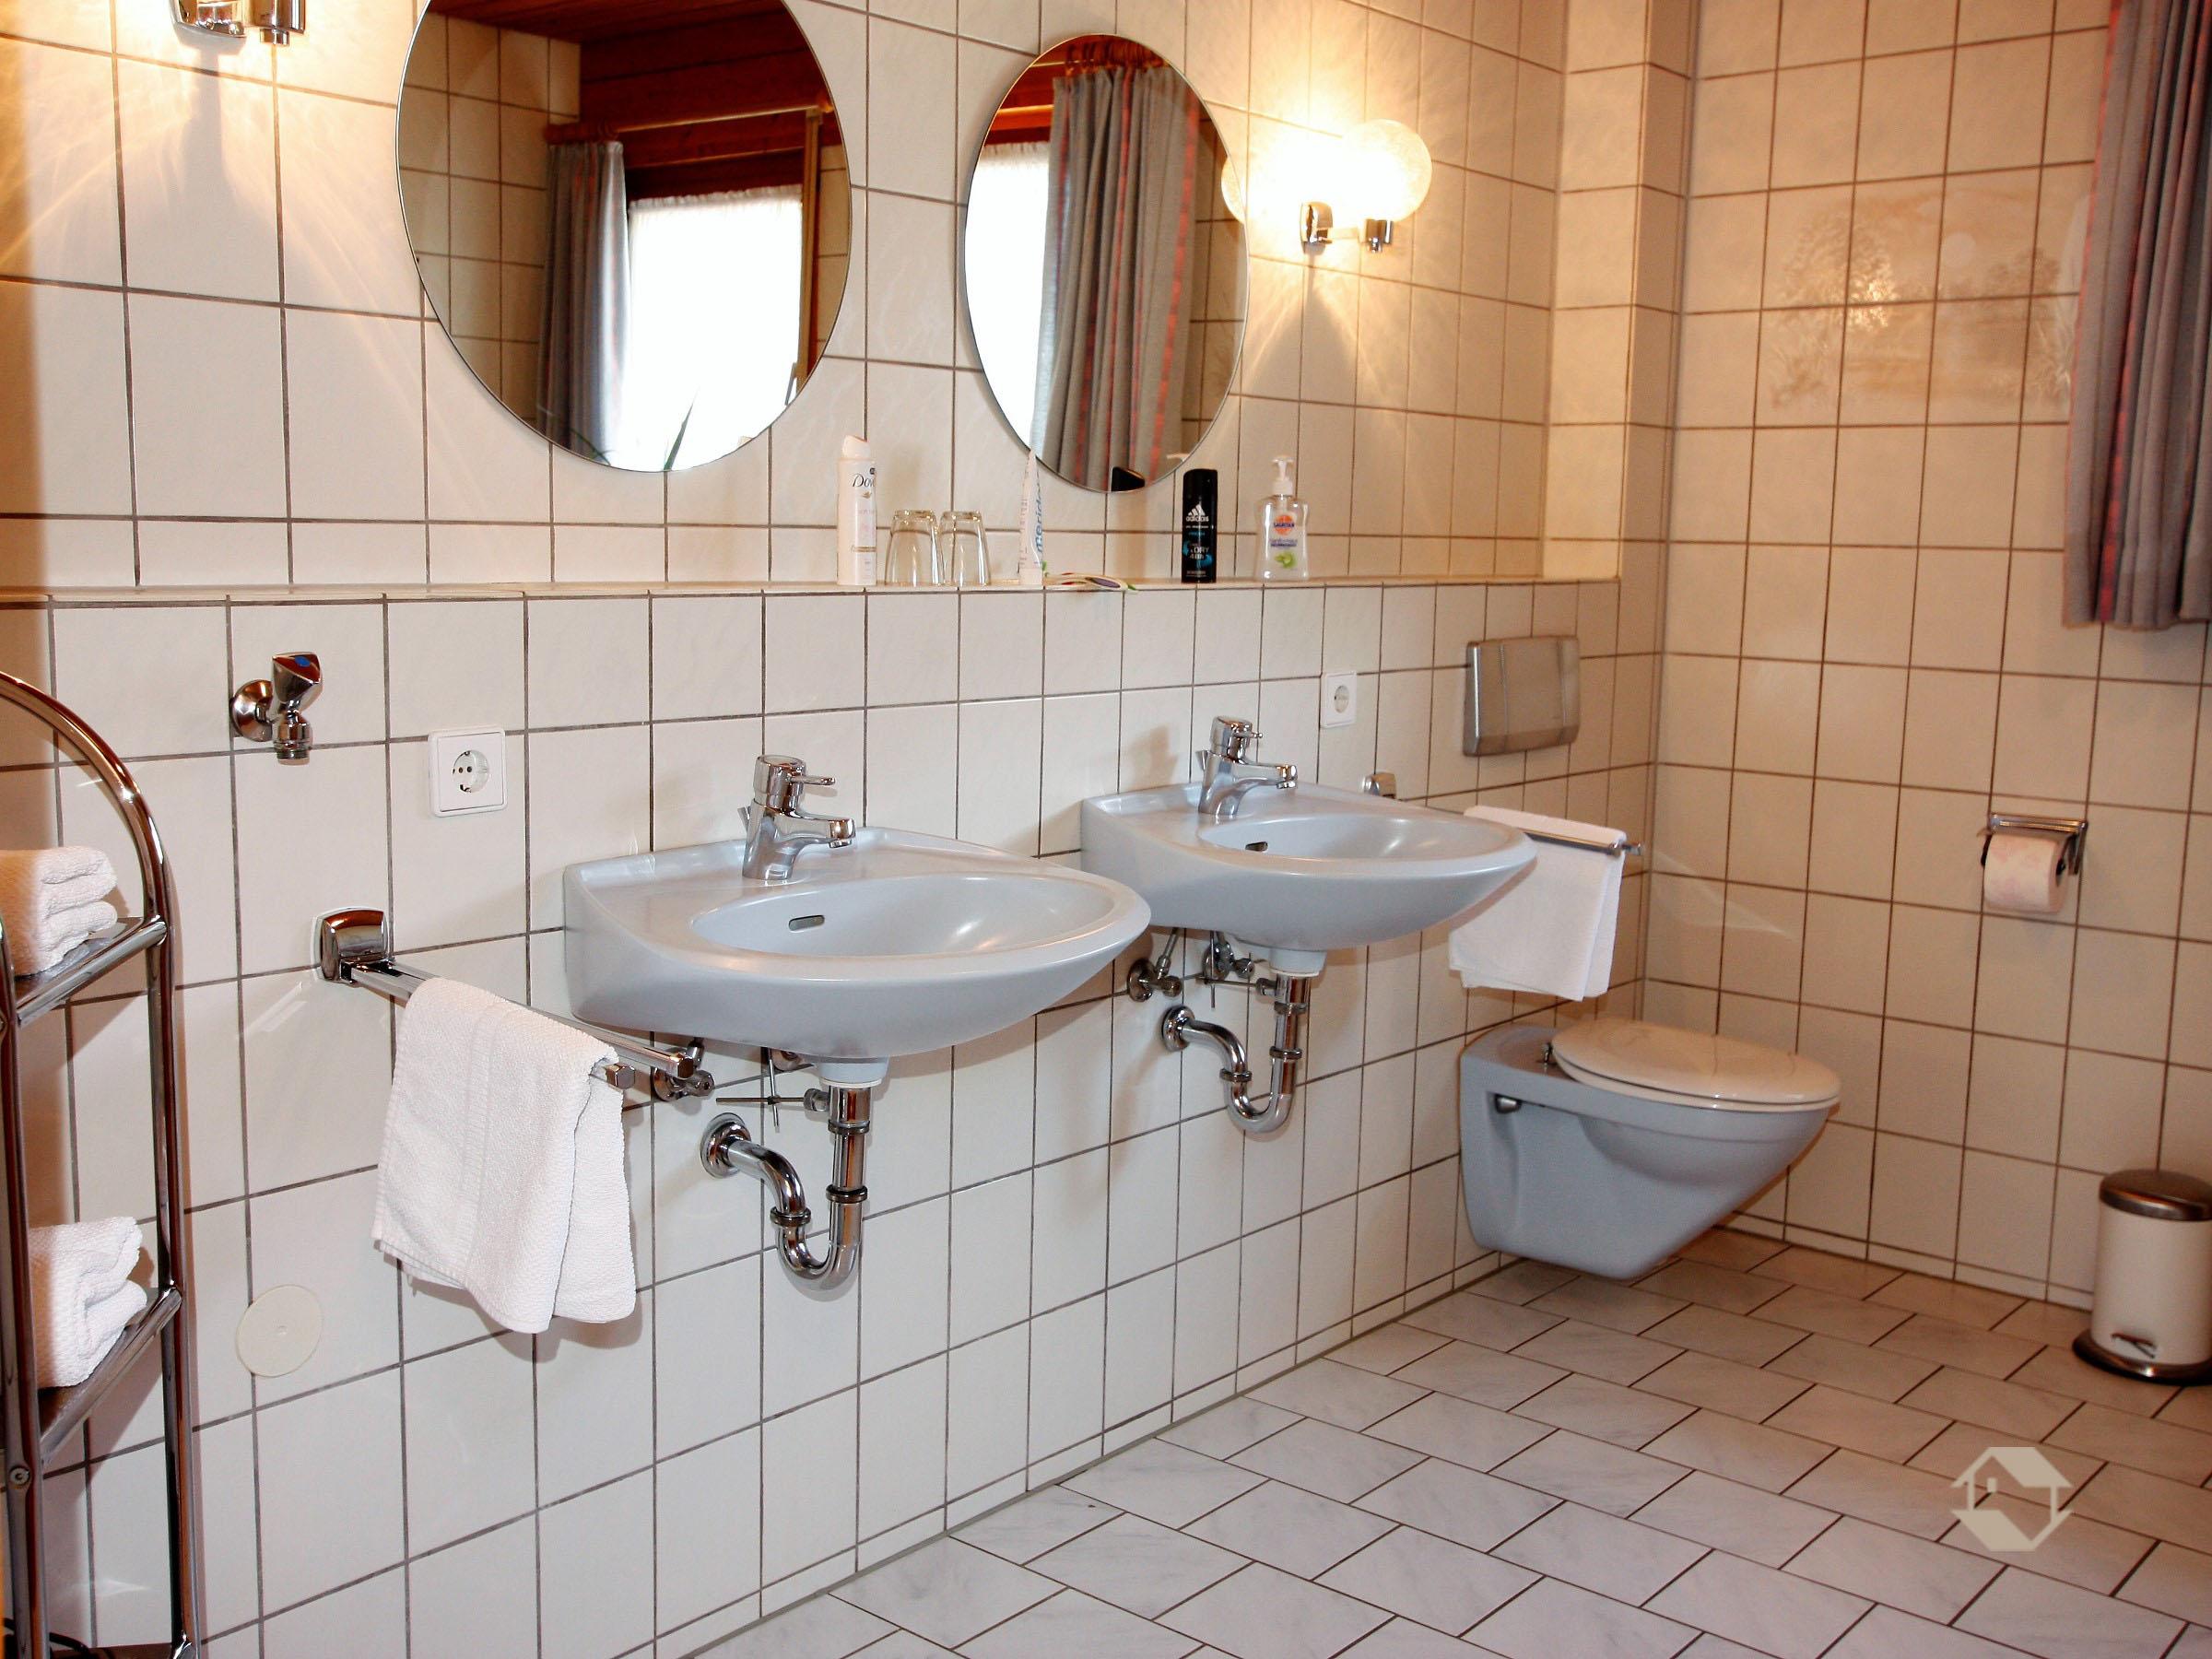 Ferienwohnung Haus Kandelblick, (Furtwangen). Ferienwohnung Feldbergblick, 70qm, 2 Schlafzimmer, 1 Wohn- (2717401), Furtwangen, Schwarzwald, Baden-Württemberg, Deutschland, Bild 26